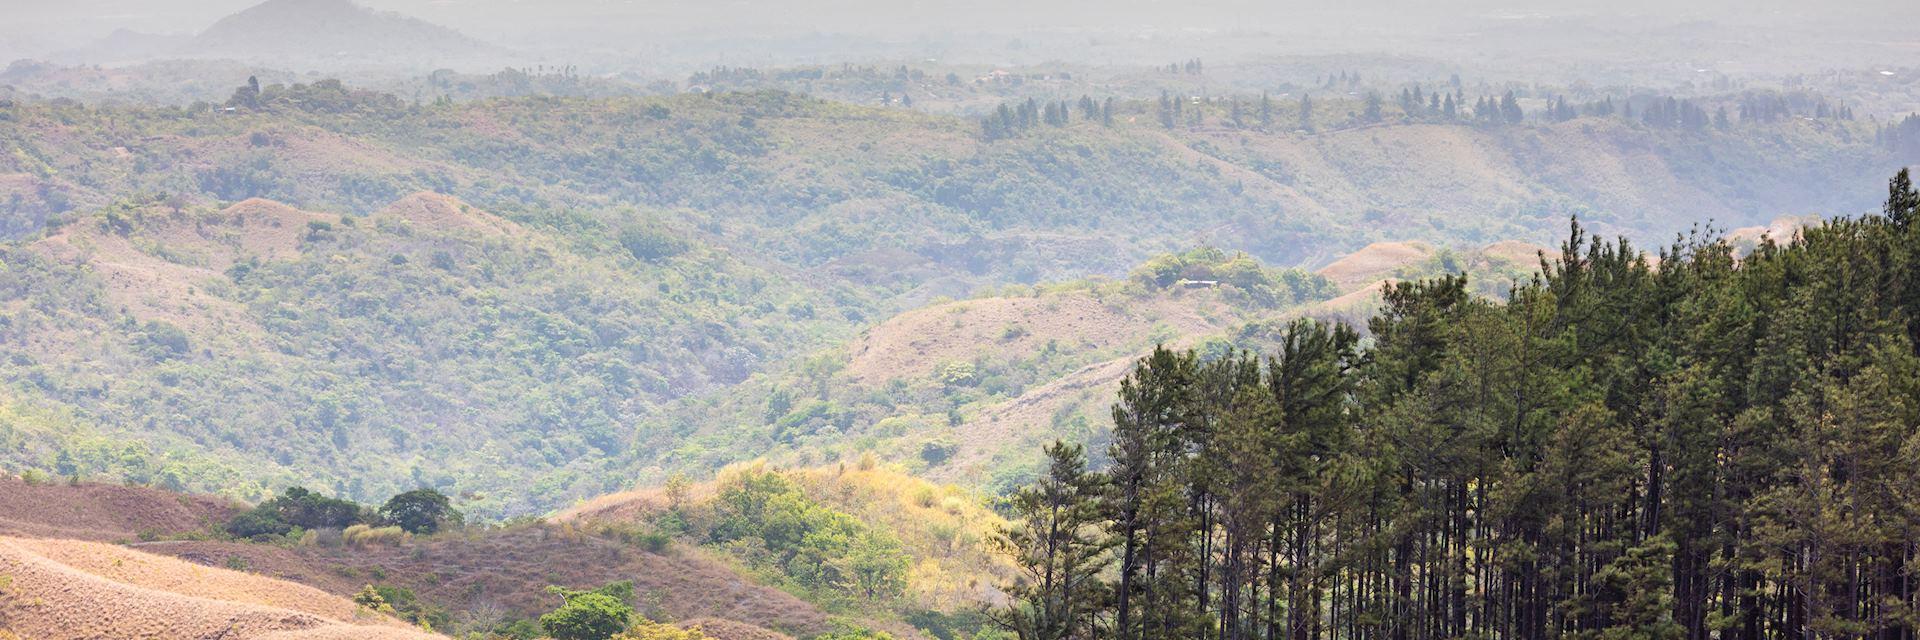 Coclé Province